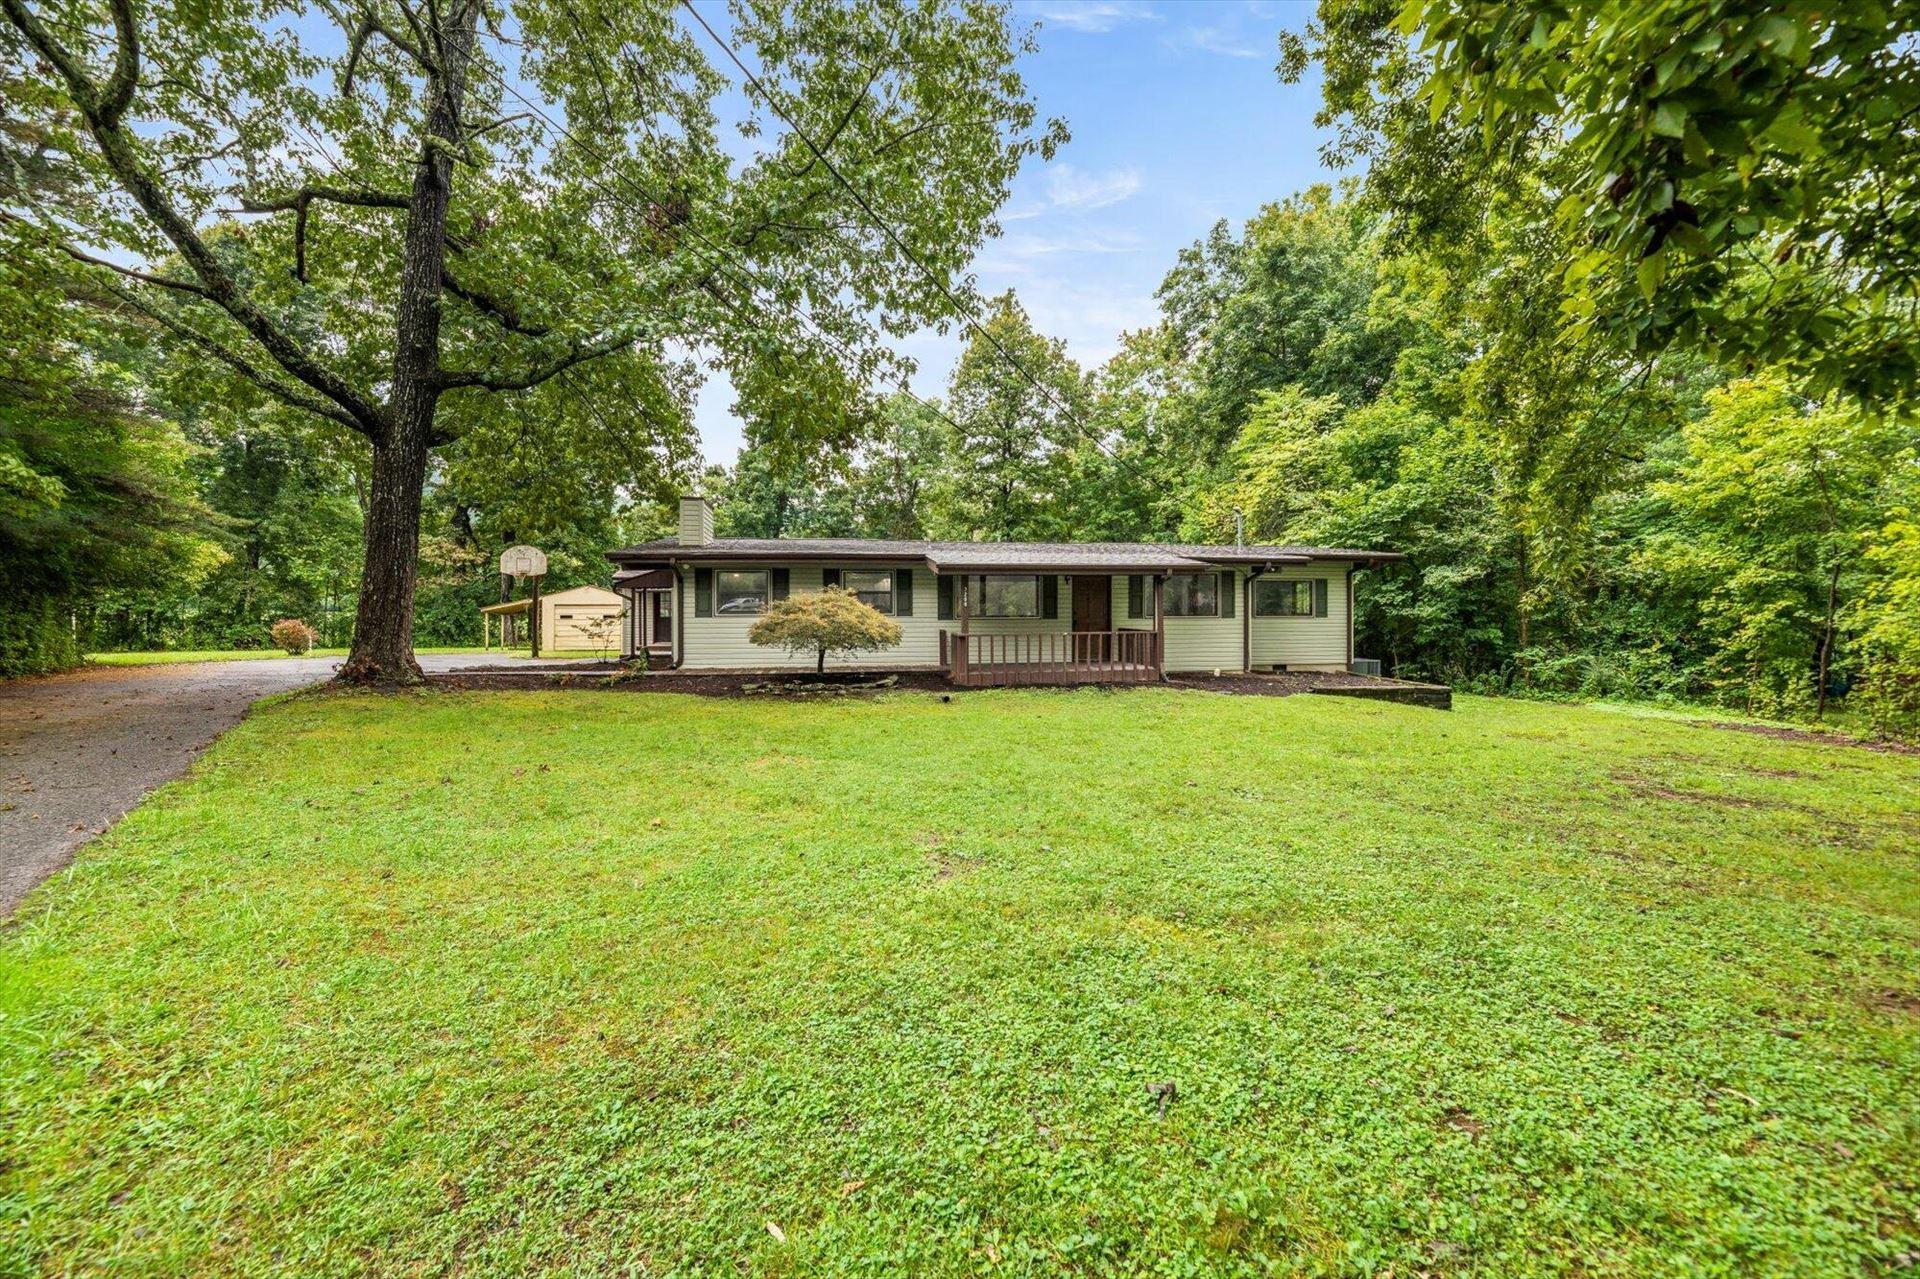 Photo of 7200 Joyce Lane, Powell, TN 37849 (MLS # 1165612)